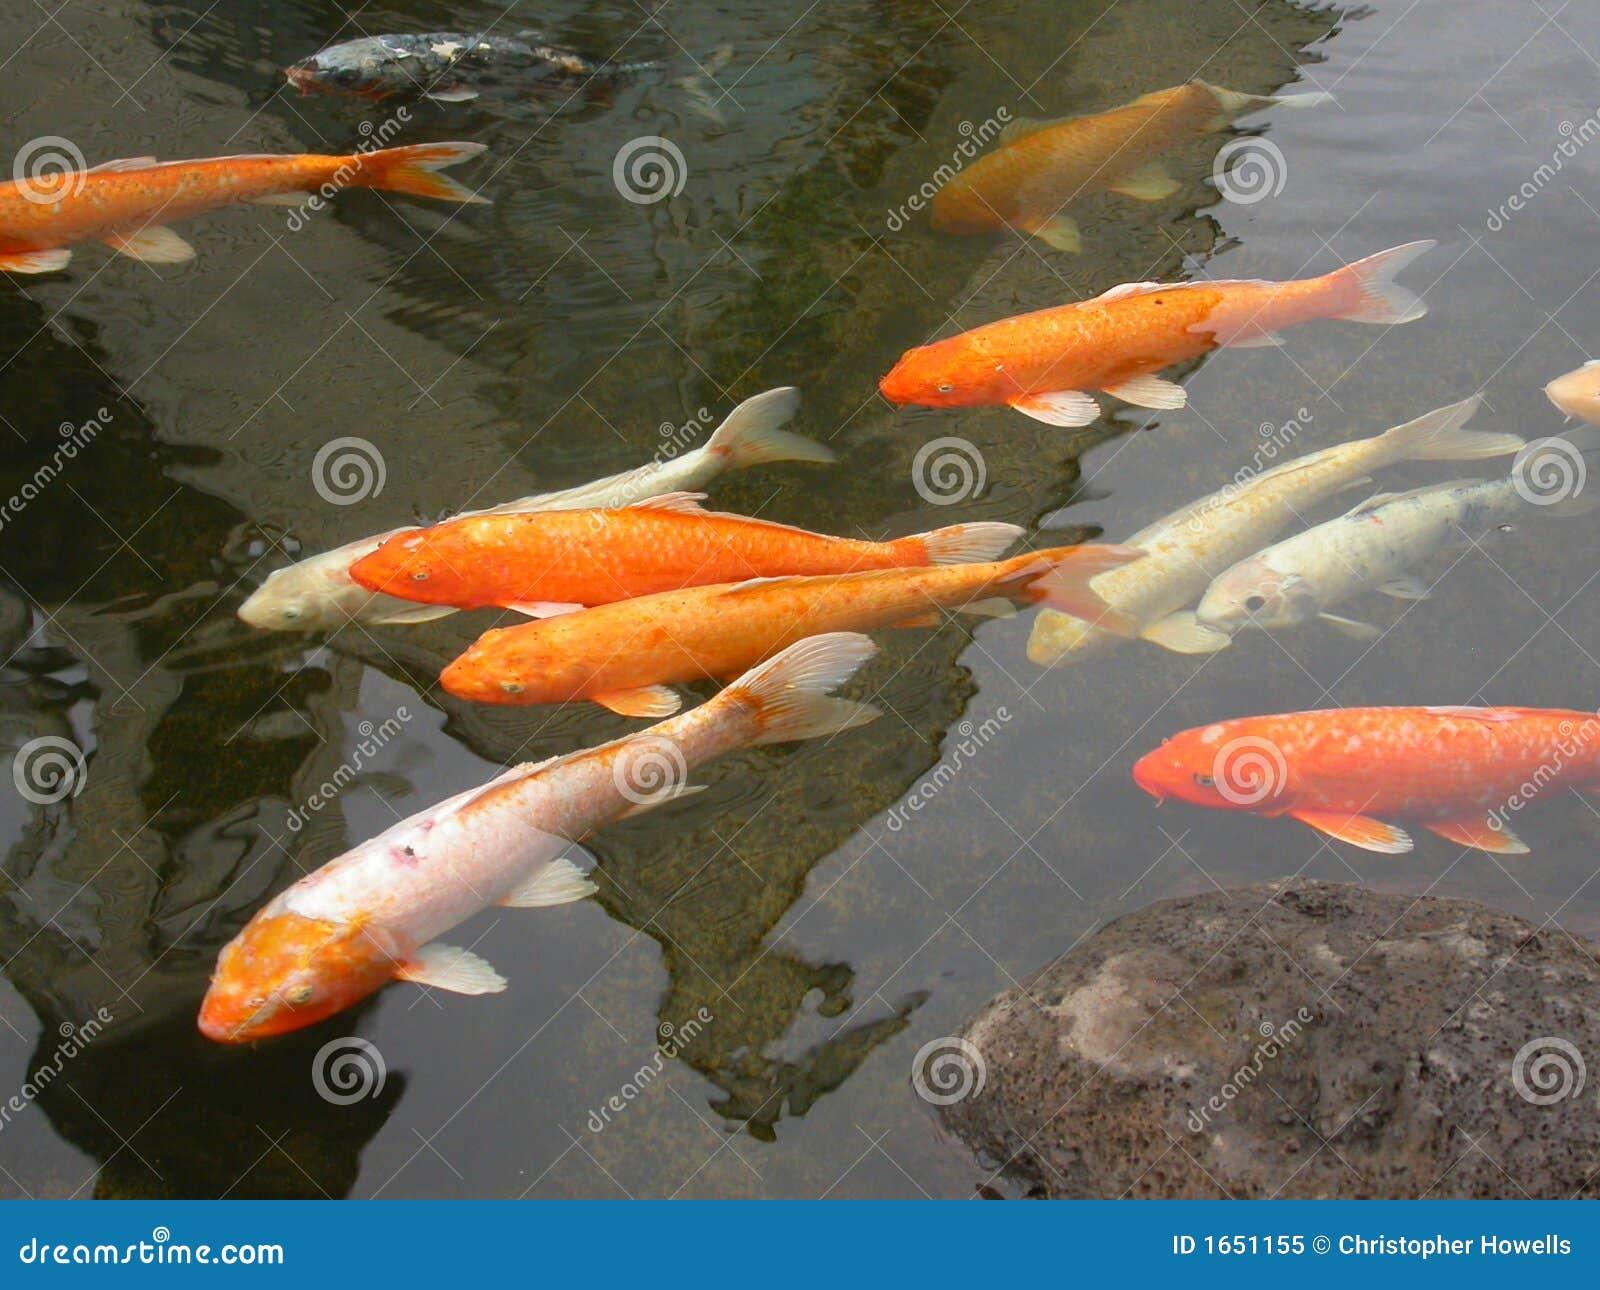 Koi pond stock image image of outdoor group pond for Shallow koi pond